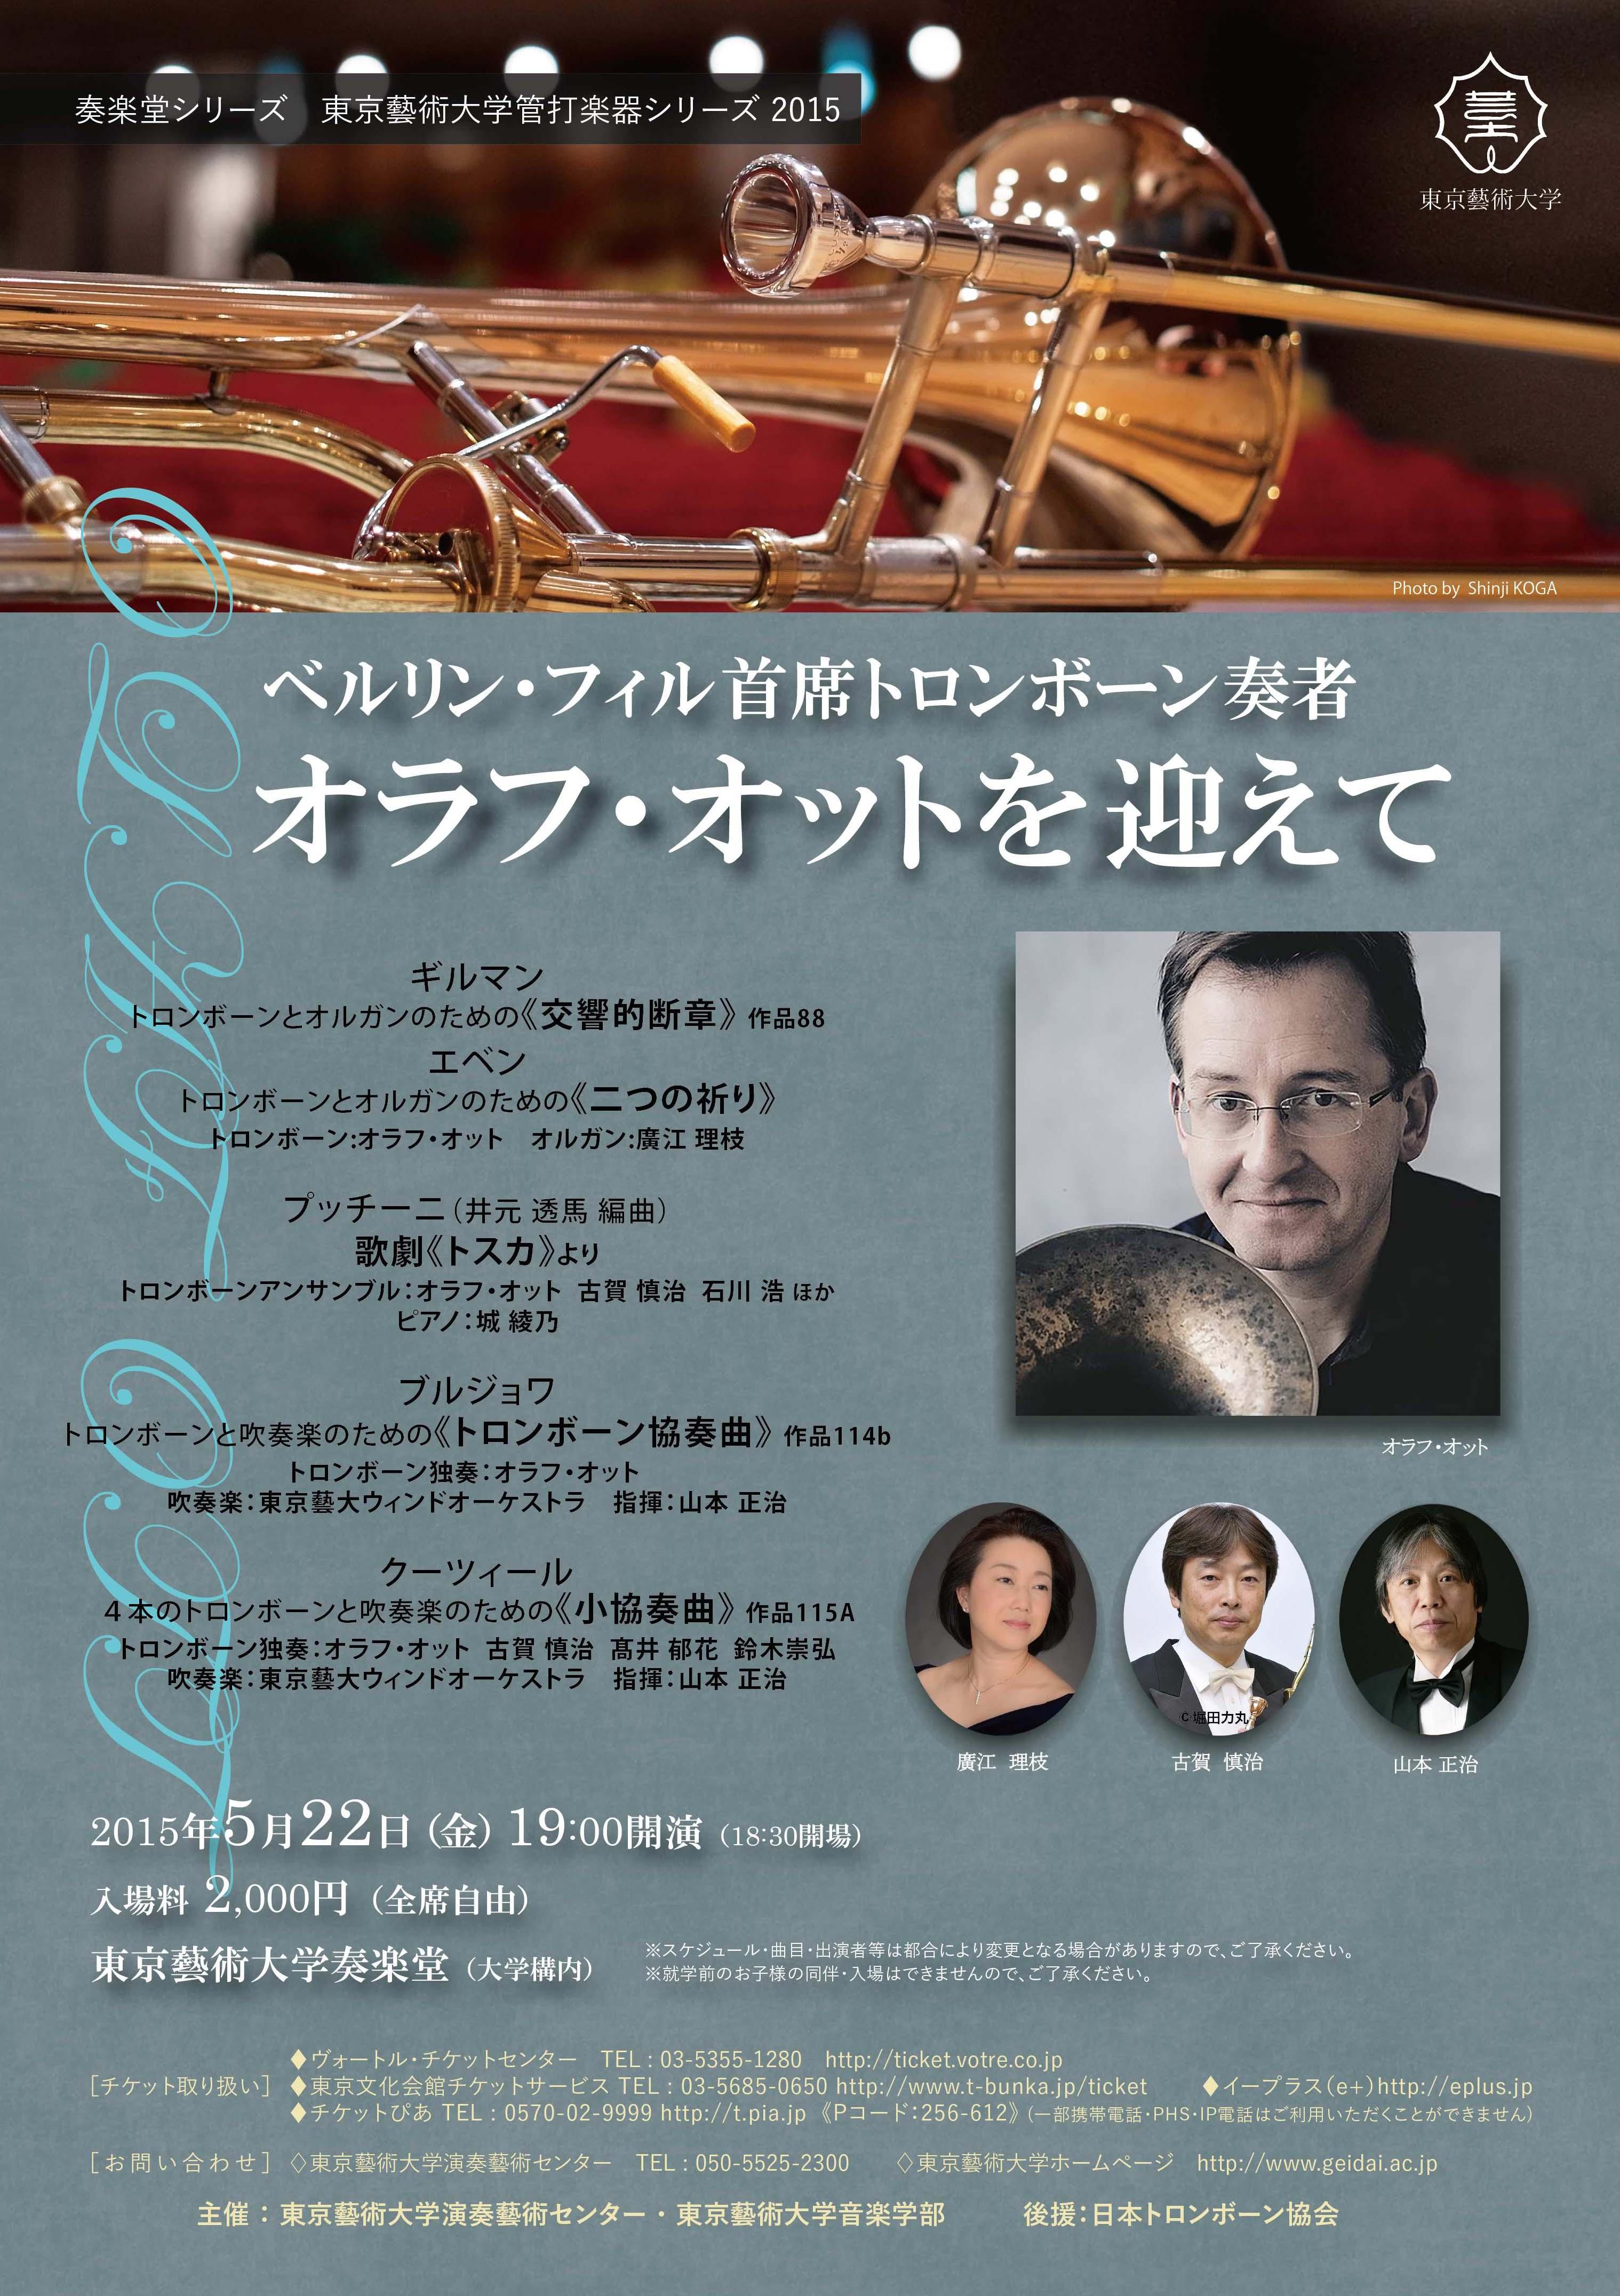 奏楽堂シリーズ 管打楽器シリーズ2015 「ベルリン・フィル首席トロンボーン奏者 オラフ・オットを迎えて」